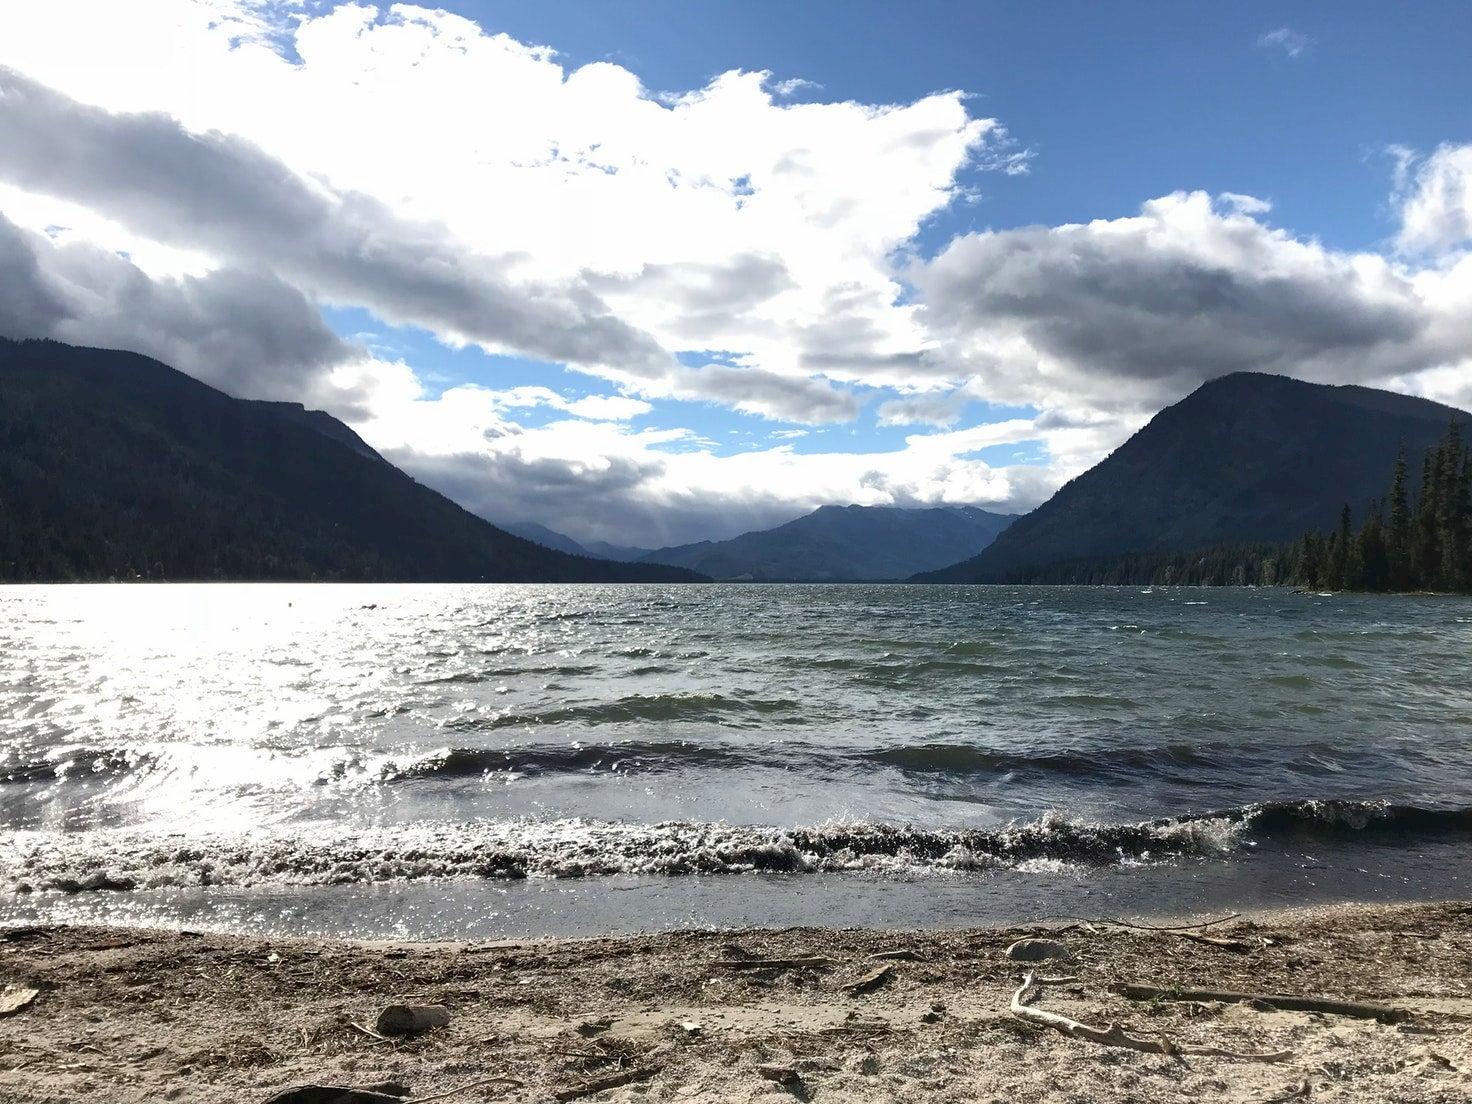 Sandy beach along Lake Wenatchee.